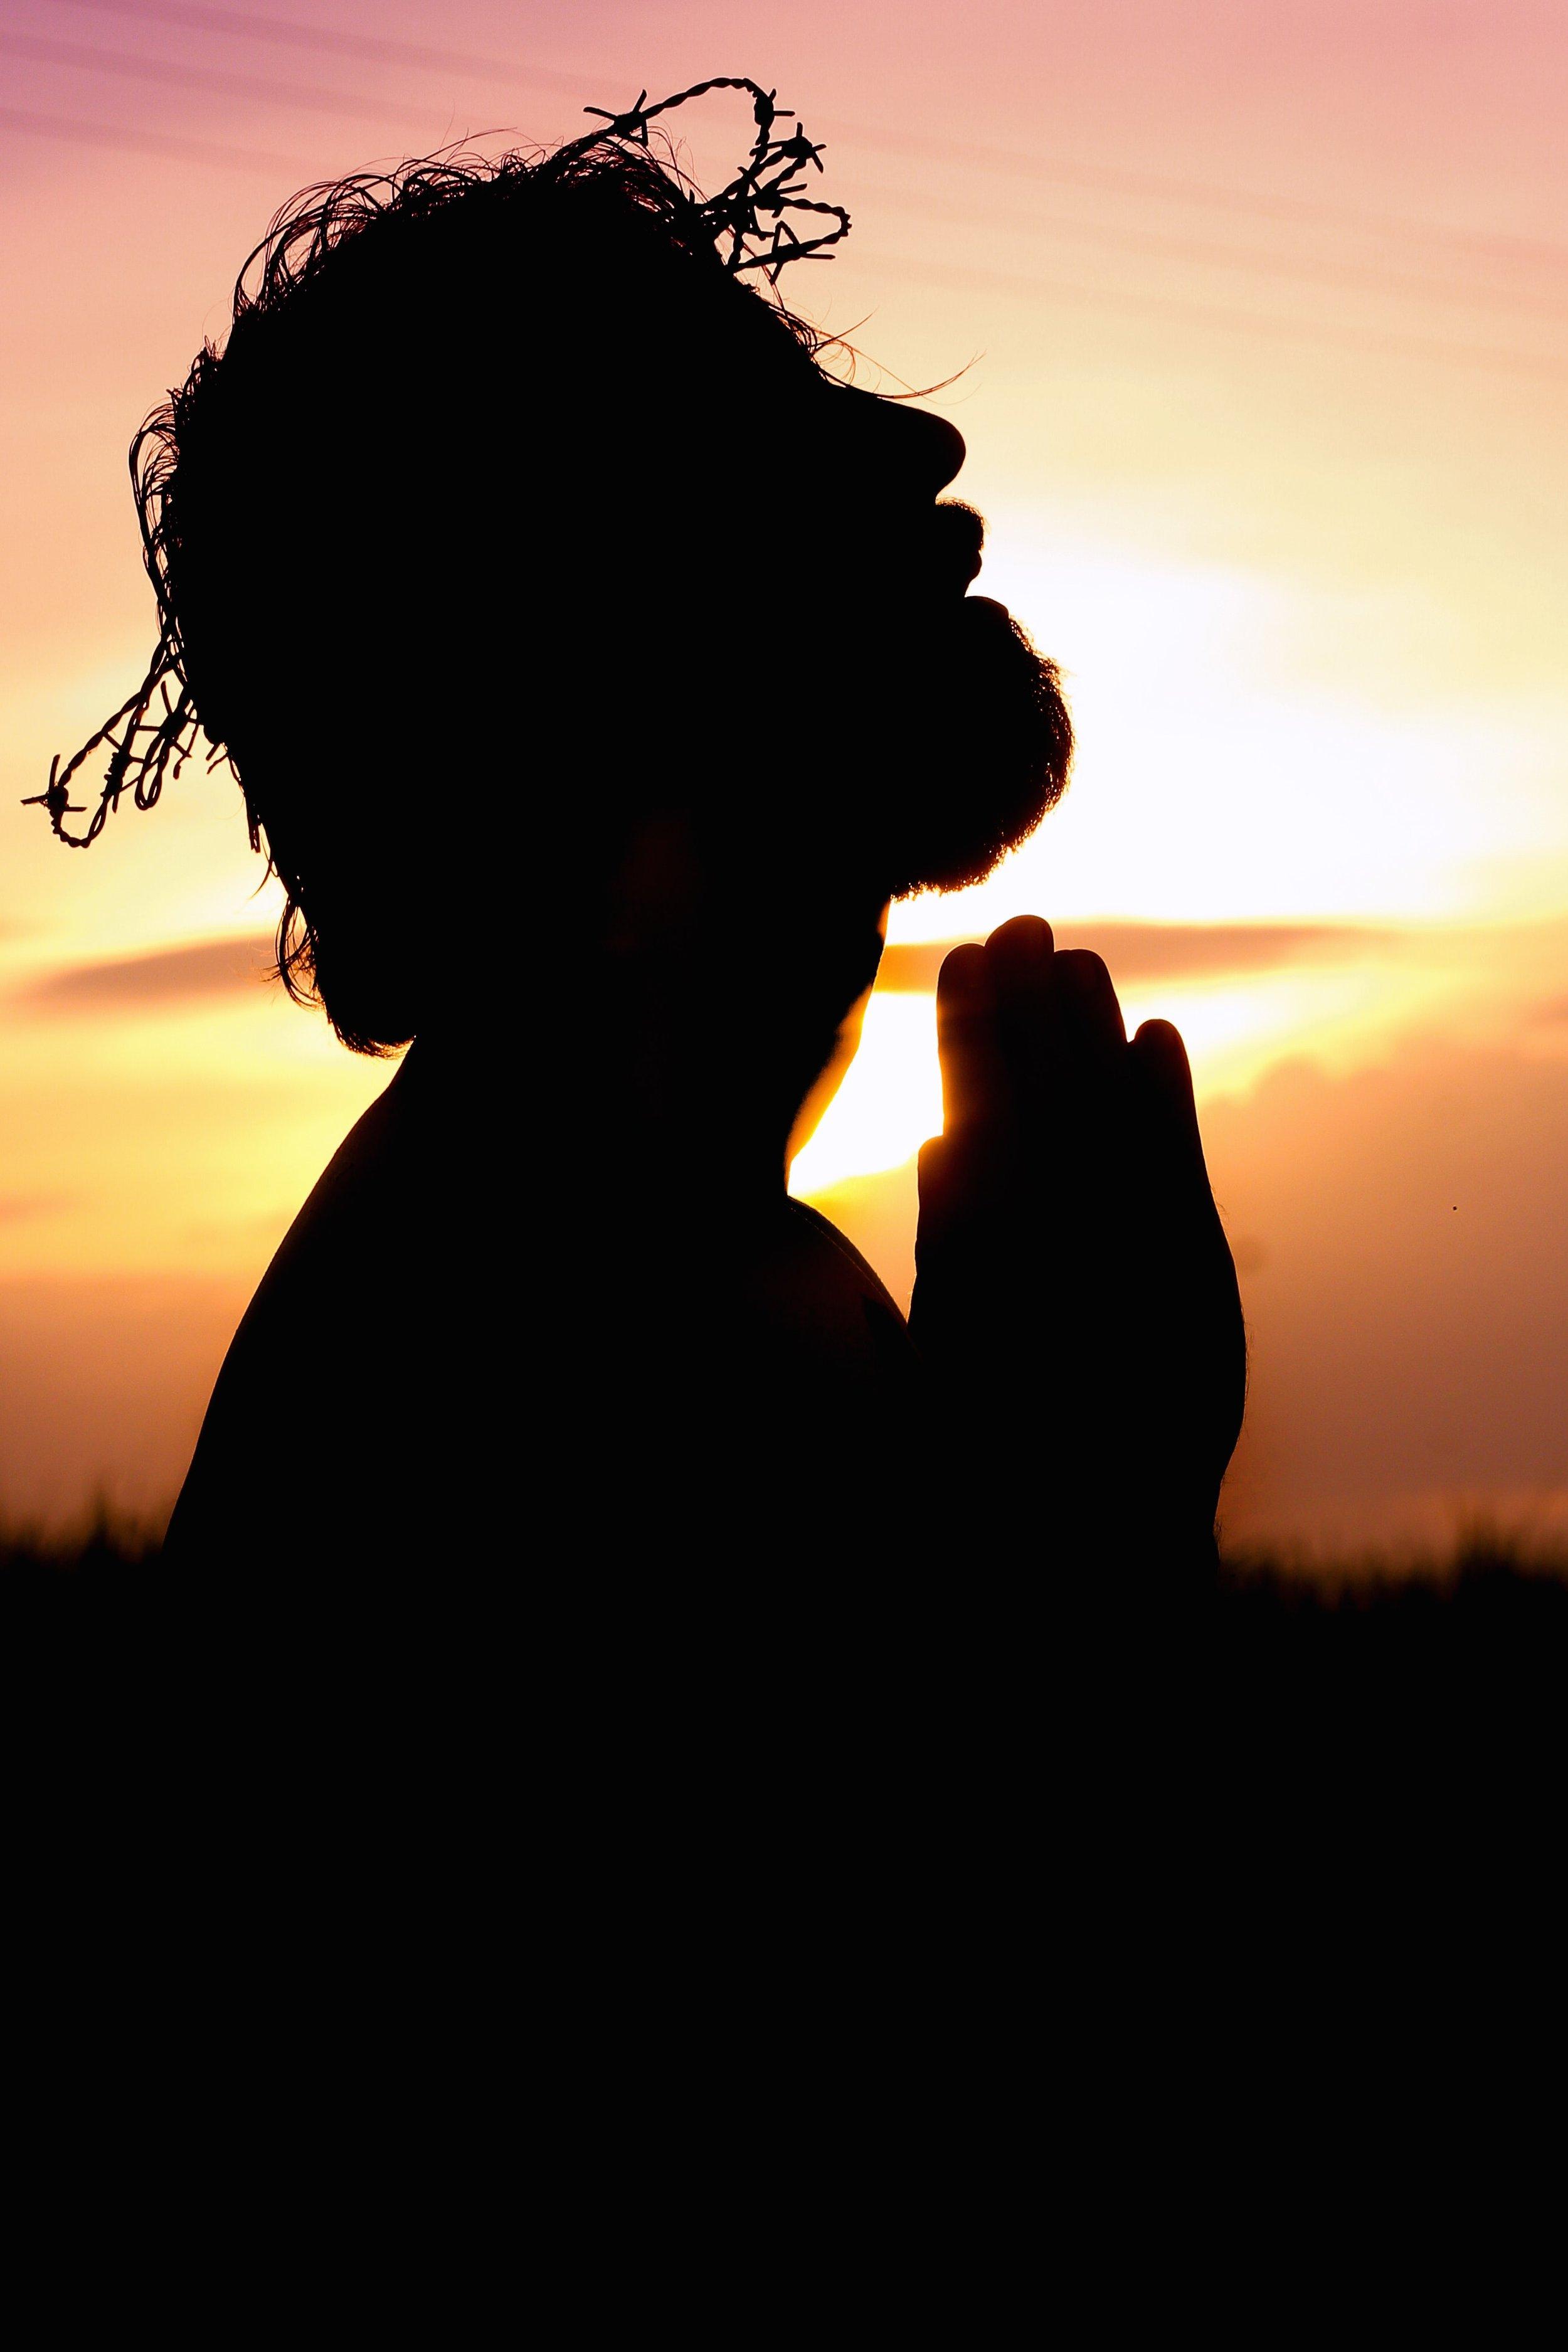 Jesus Crown of Thorns praying.jpg